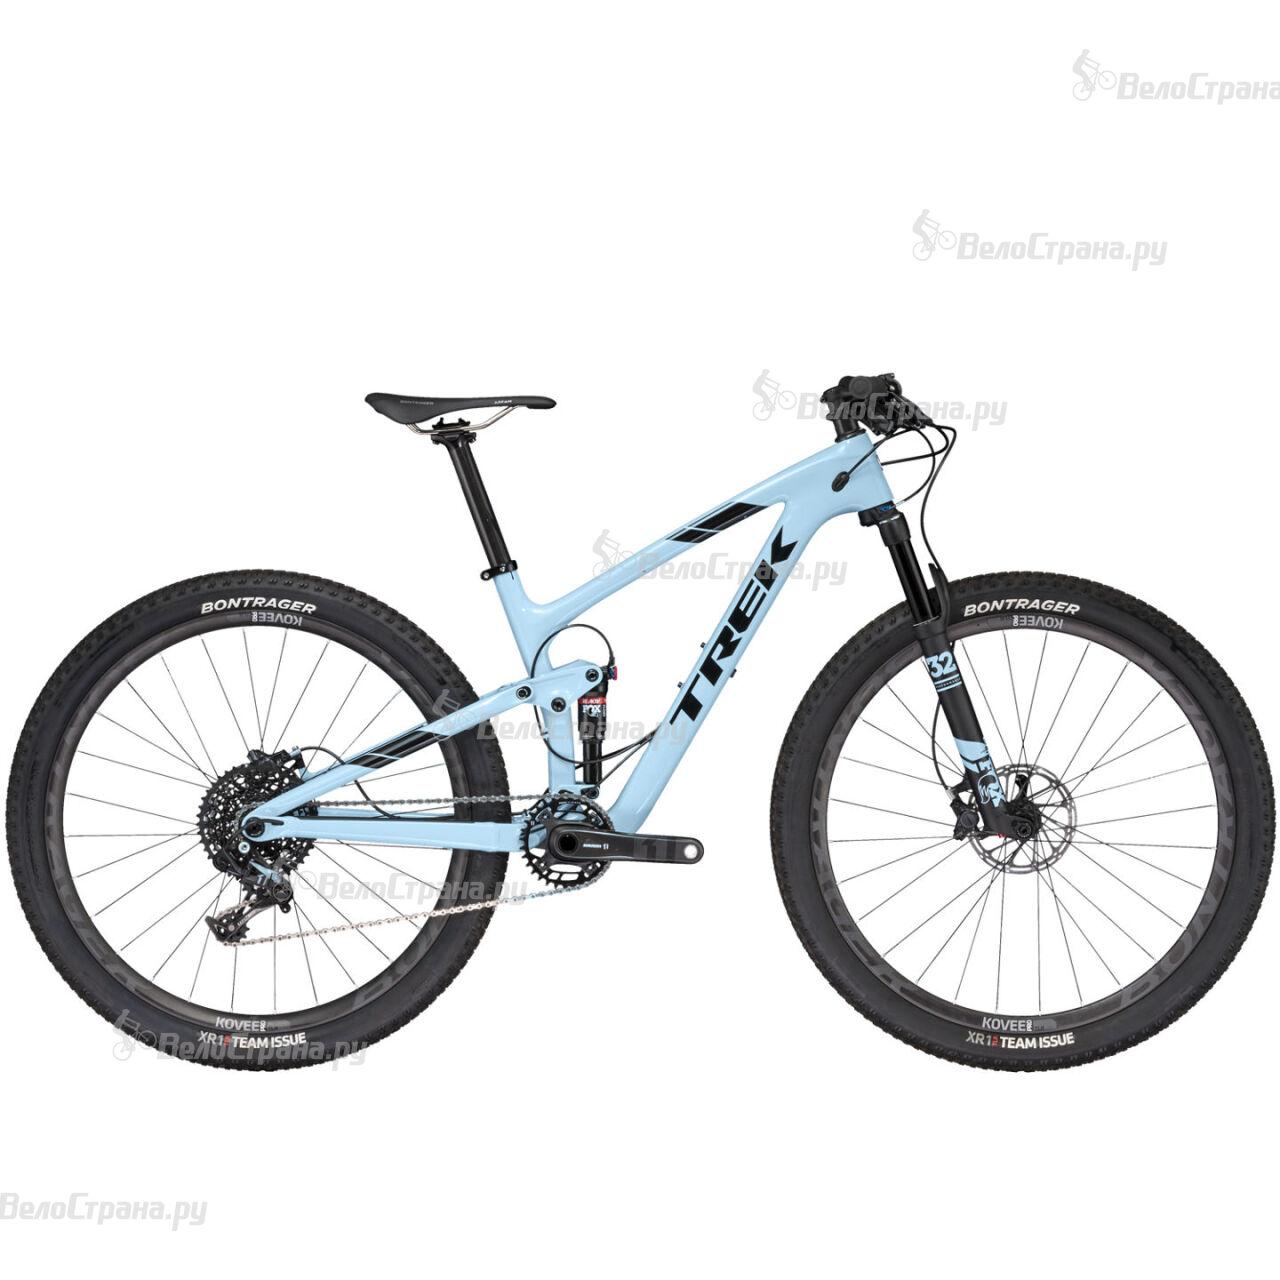 Велосипед Trek Top Fuel 9.8 SL W (2017) арктика 0 5 л 102 500 термос с узким горлом классический синий